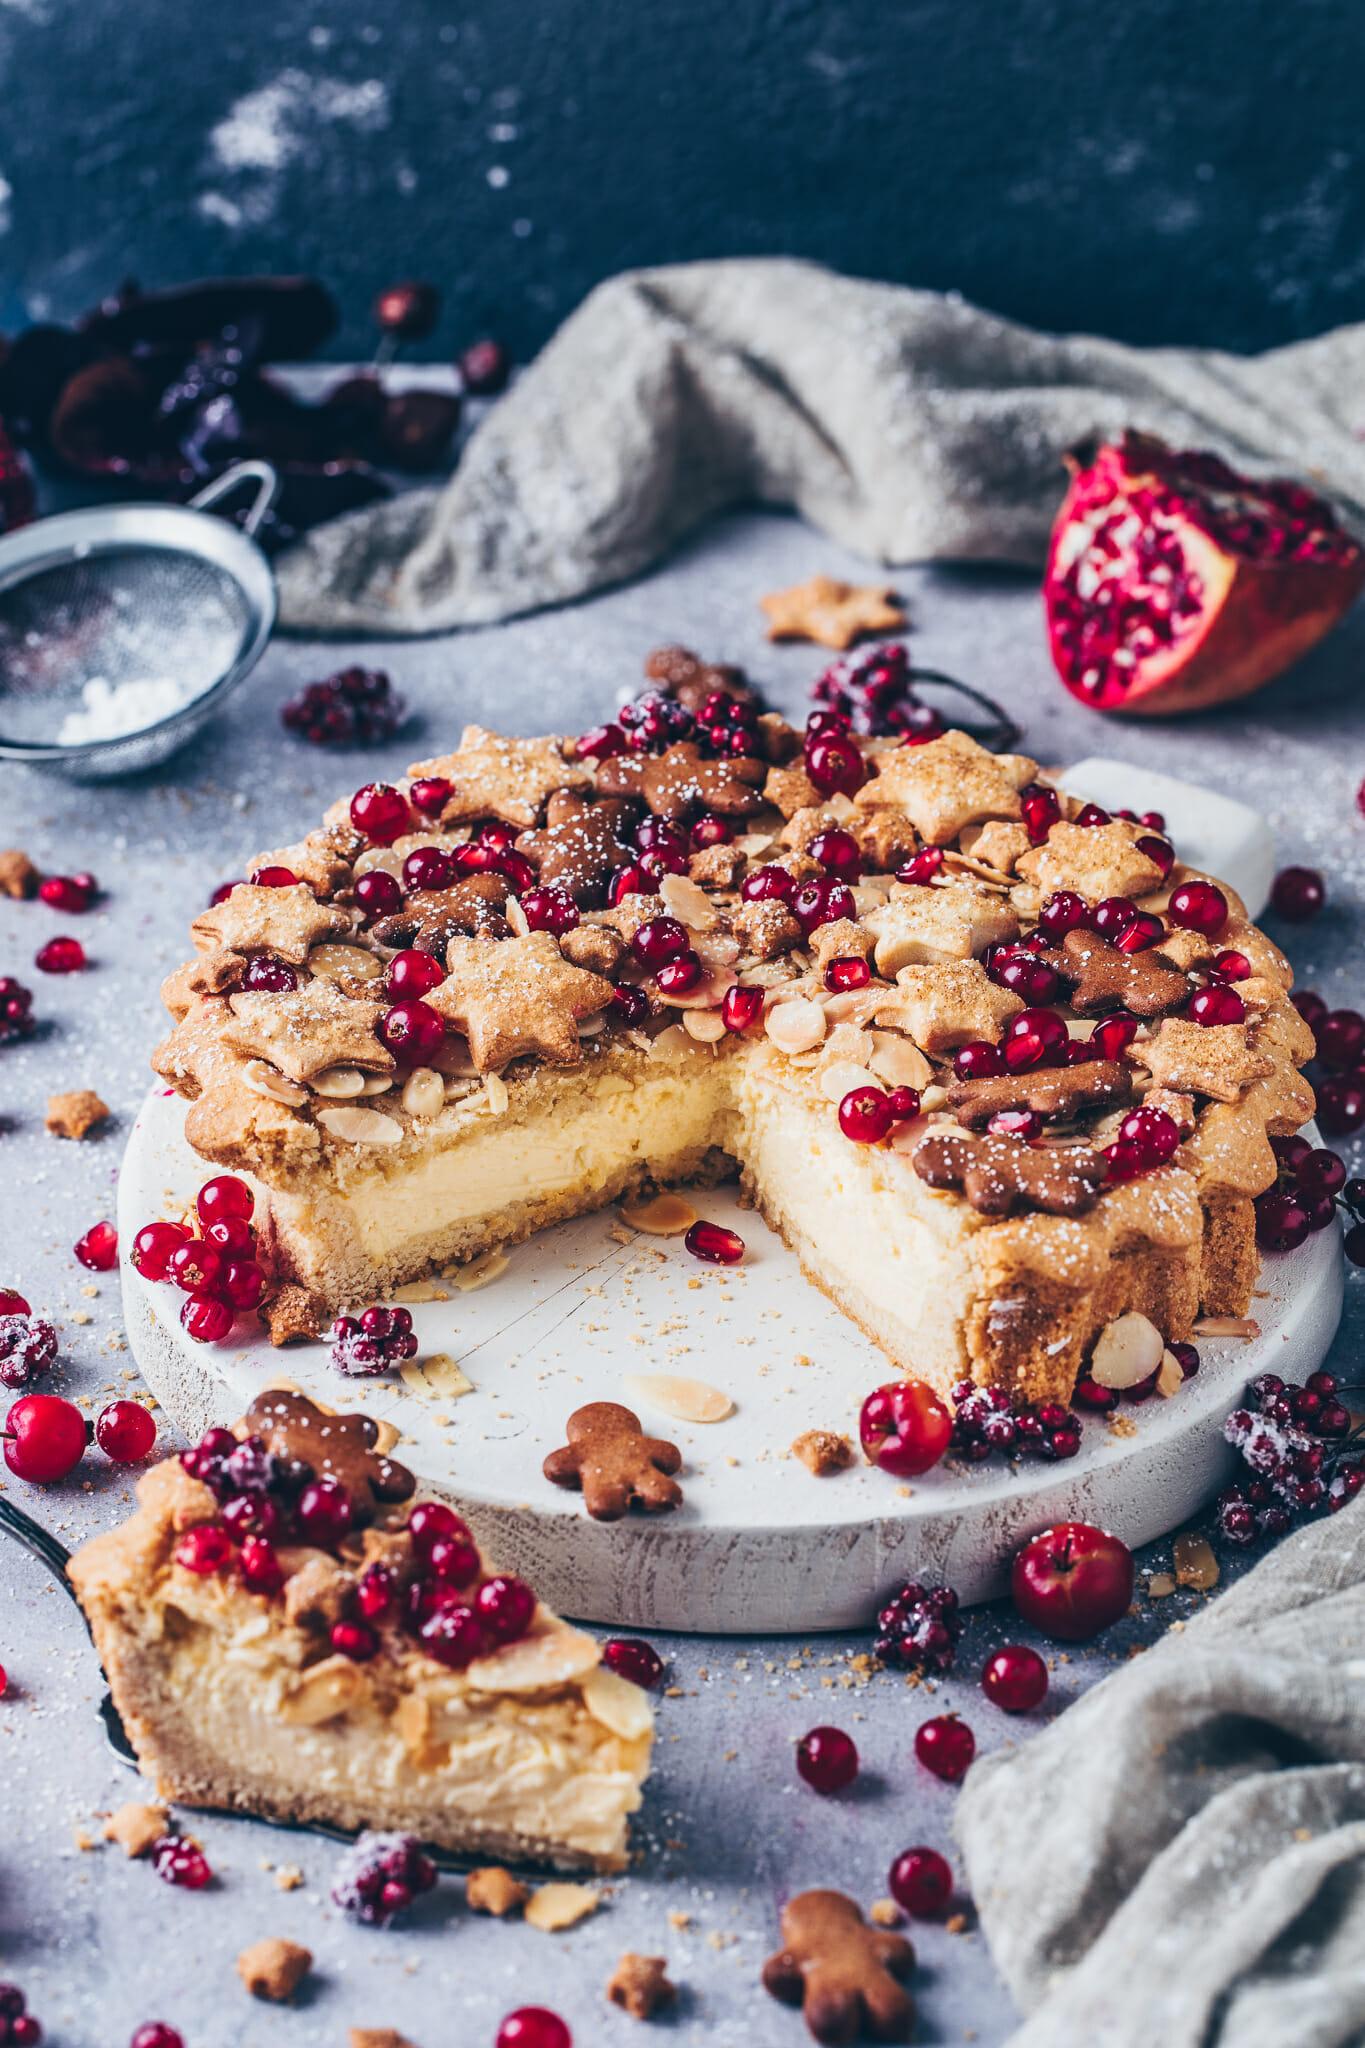 Kuchen mit Pudding-Creme, Keksen, Granatapfelkerne und Johannisbeeren